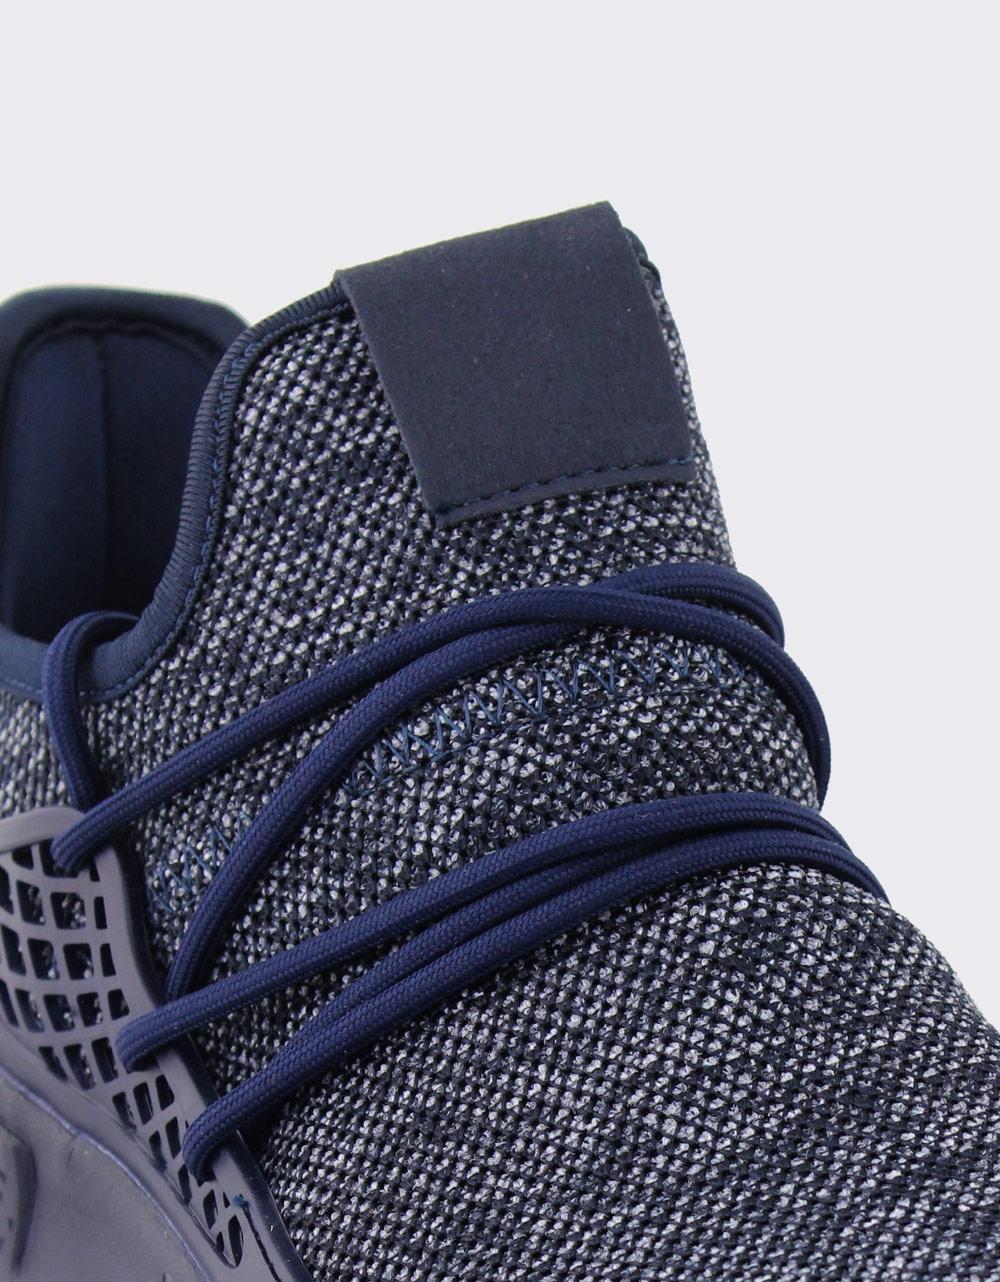 Εικόνα από Ανδρικά sneakers με ανάγλυφα σχέδια Μπλε